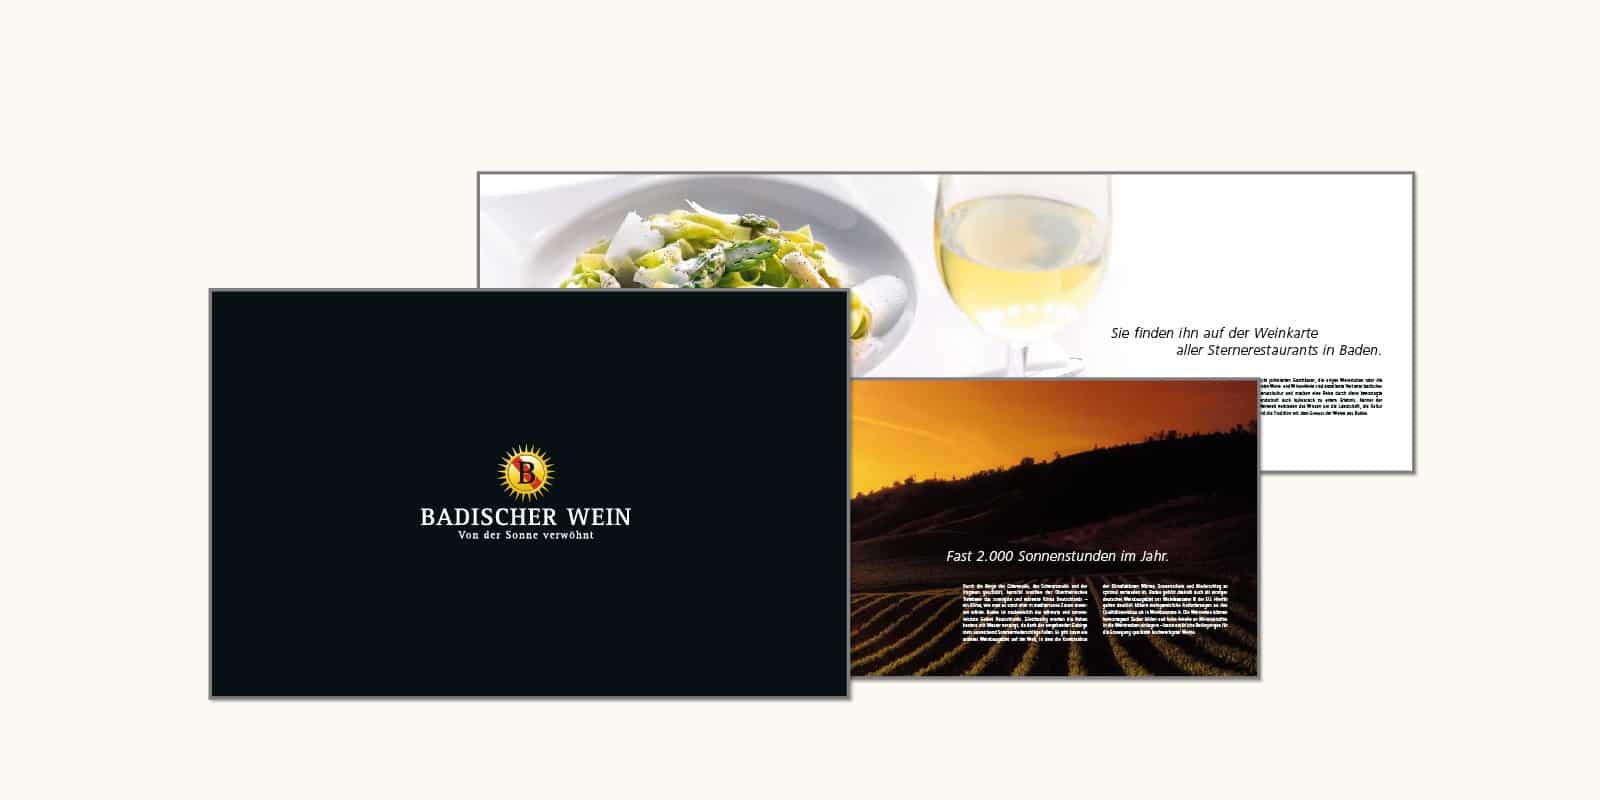 Badischer Wein – Imagebroschüre